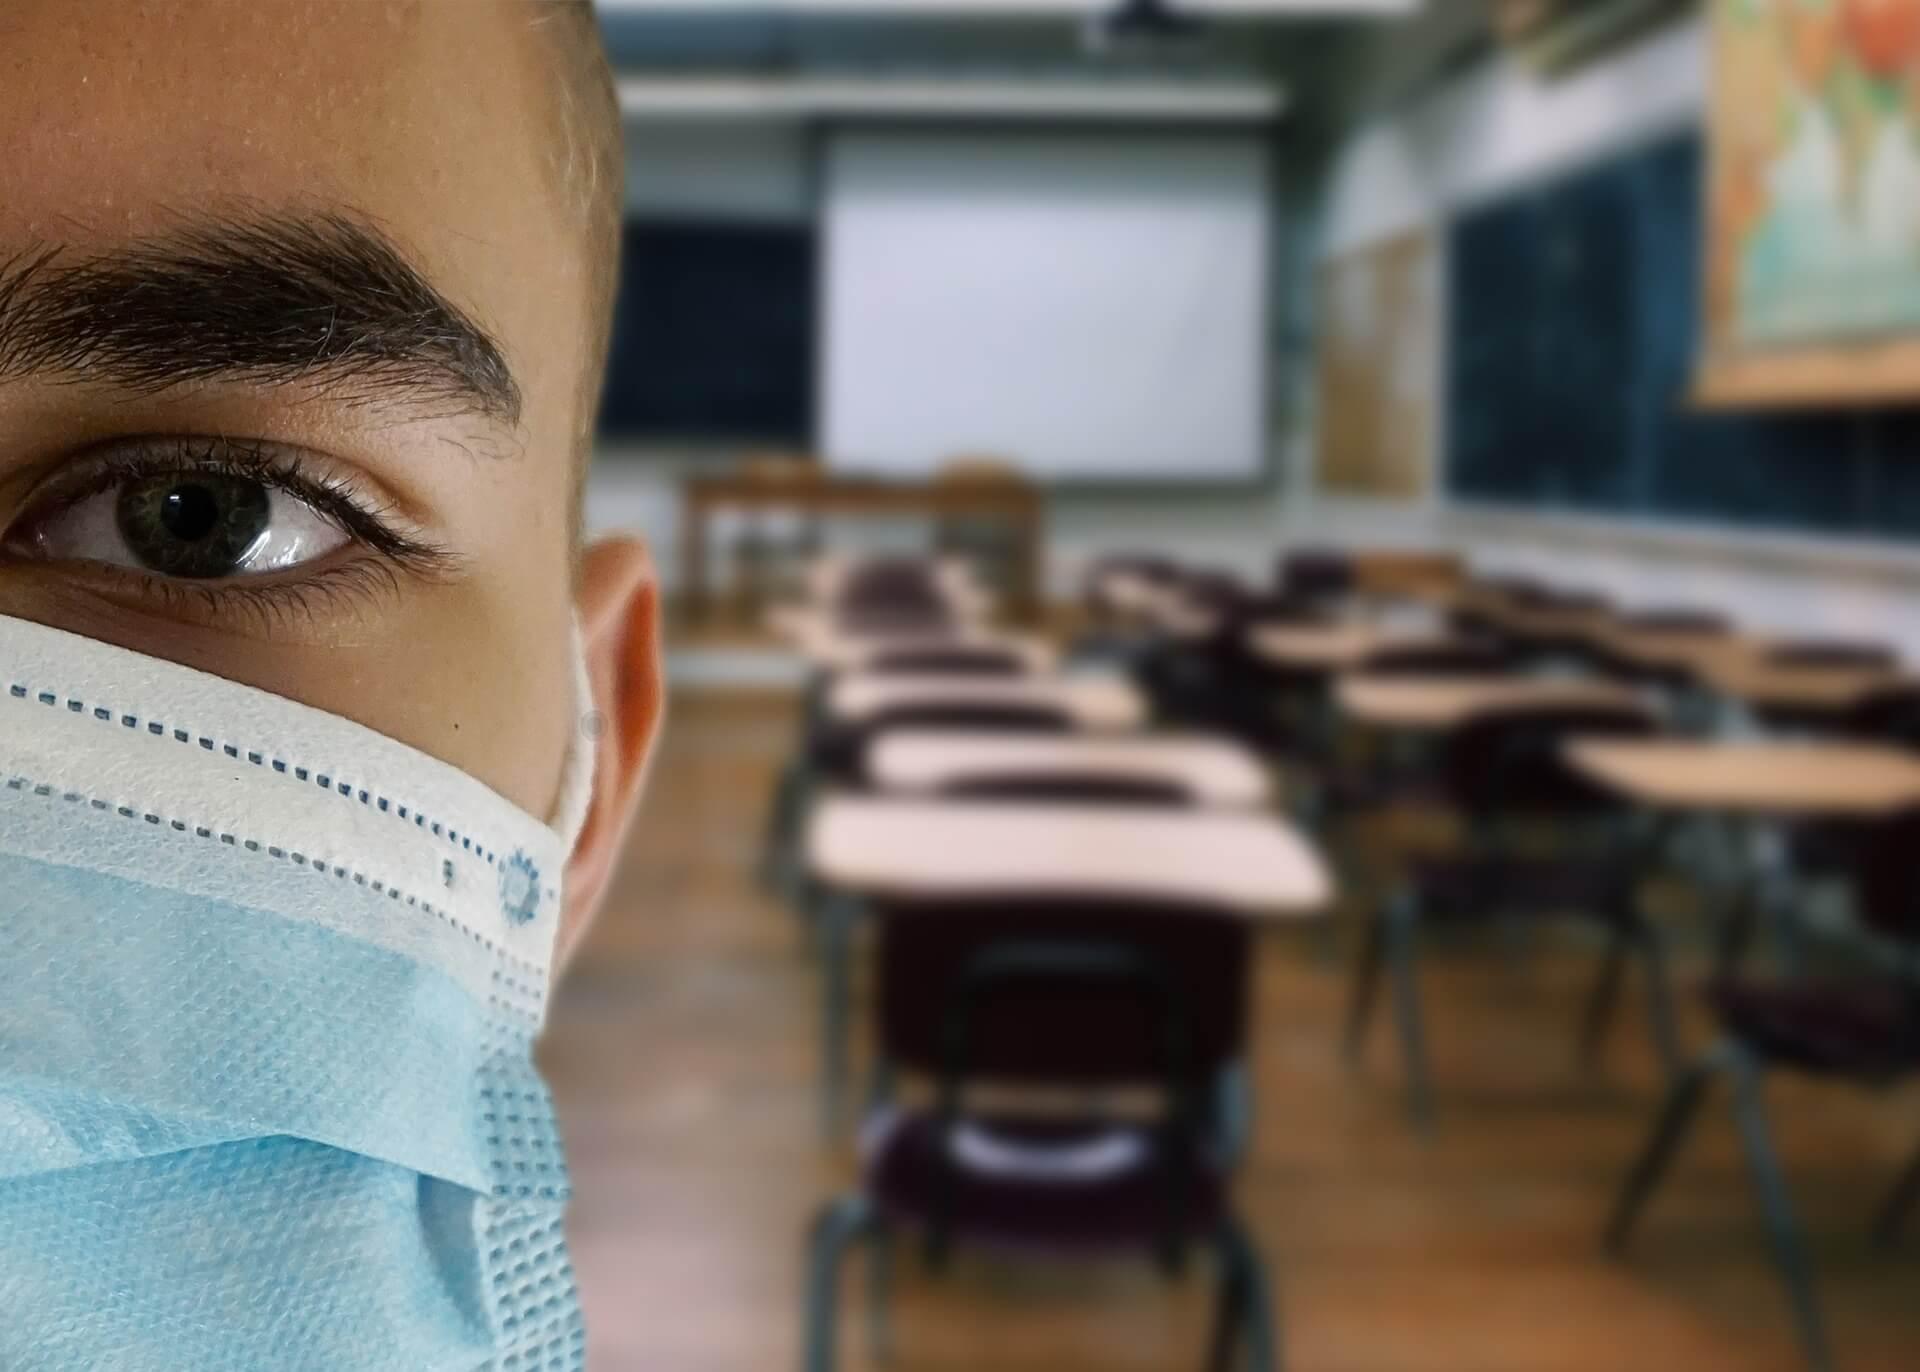 Koronavirus u školama: U izolaciji 120 učenika i 10 nastavnika!